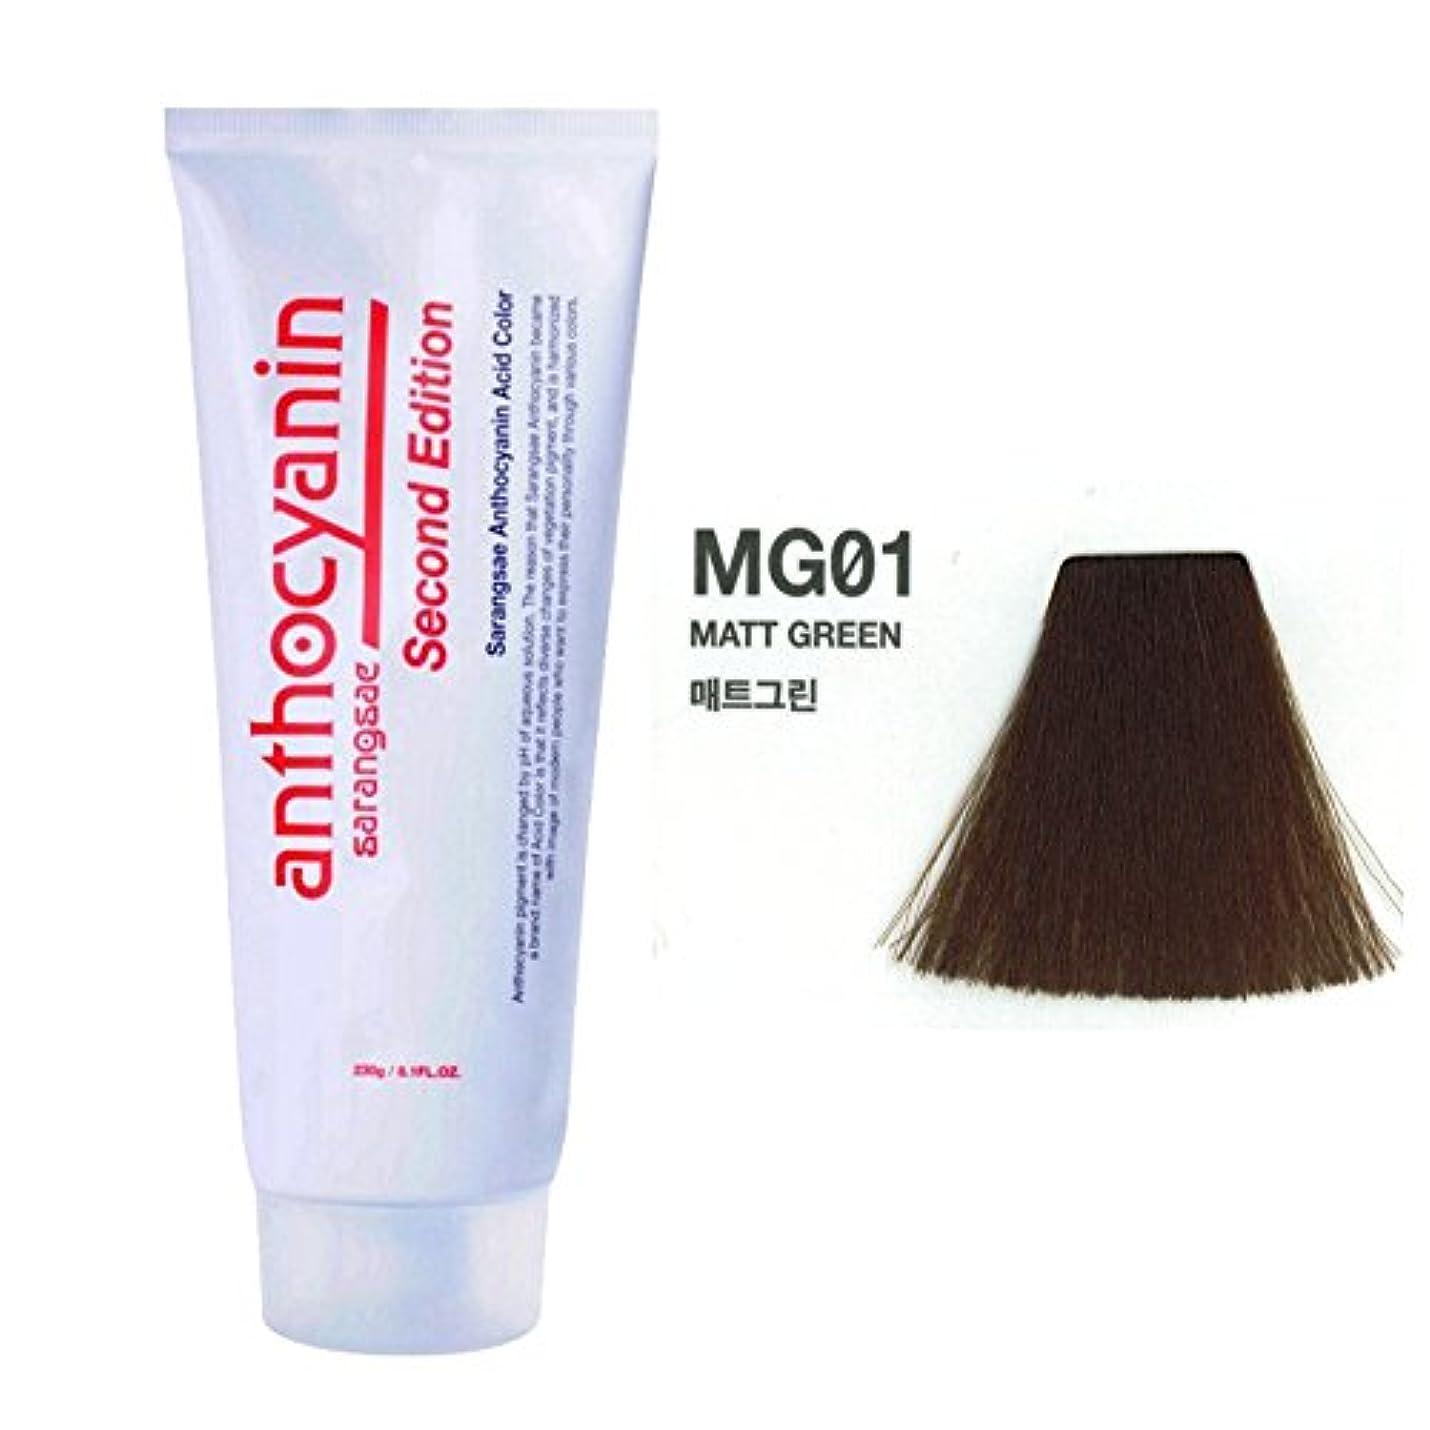 延期するペデスタル良性ヘア マニキュア カラー セカンド エディション 230g セミ パーマネント 染毛剤 (Hair Manicure Color Second Edition 230g Semi Permanent Hair Dye) [並行輸入品] (MG01 Marr Green)